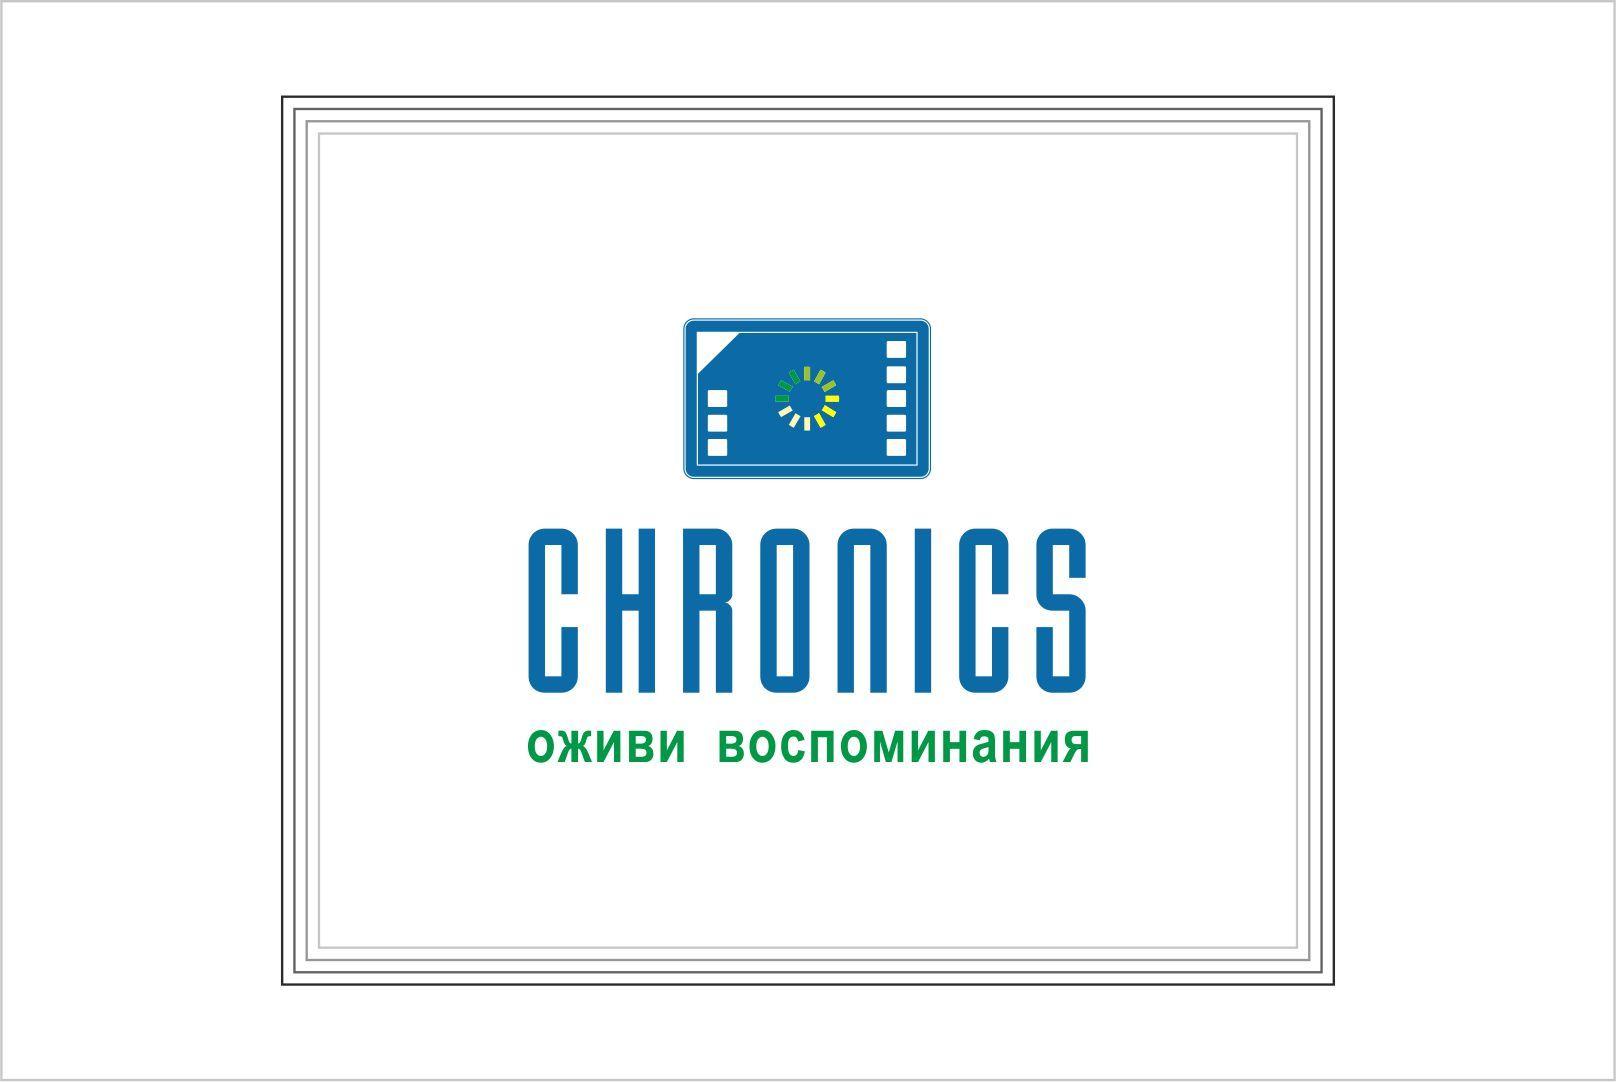 Логотип сервиса Chronics - дизайнер SobolevS21